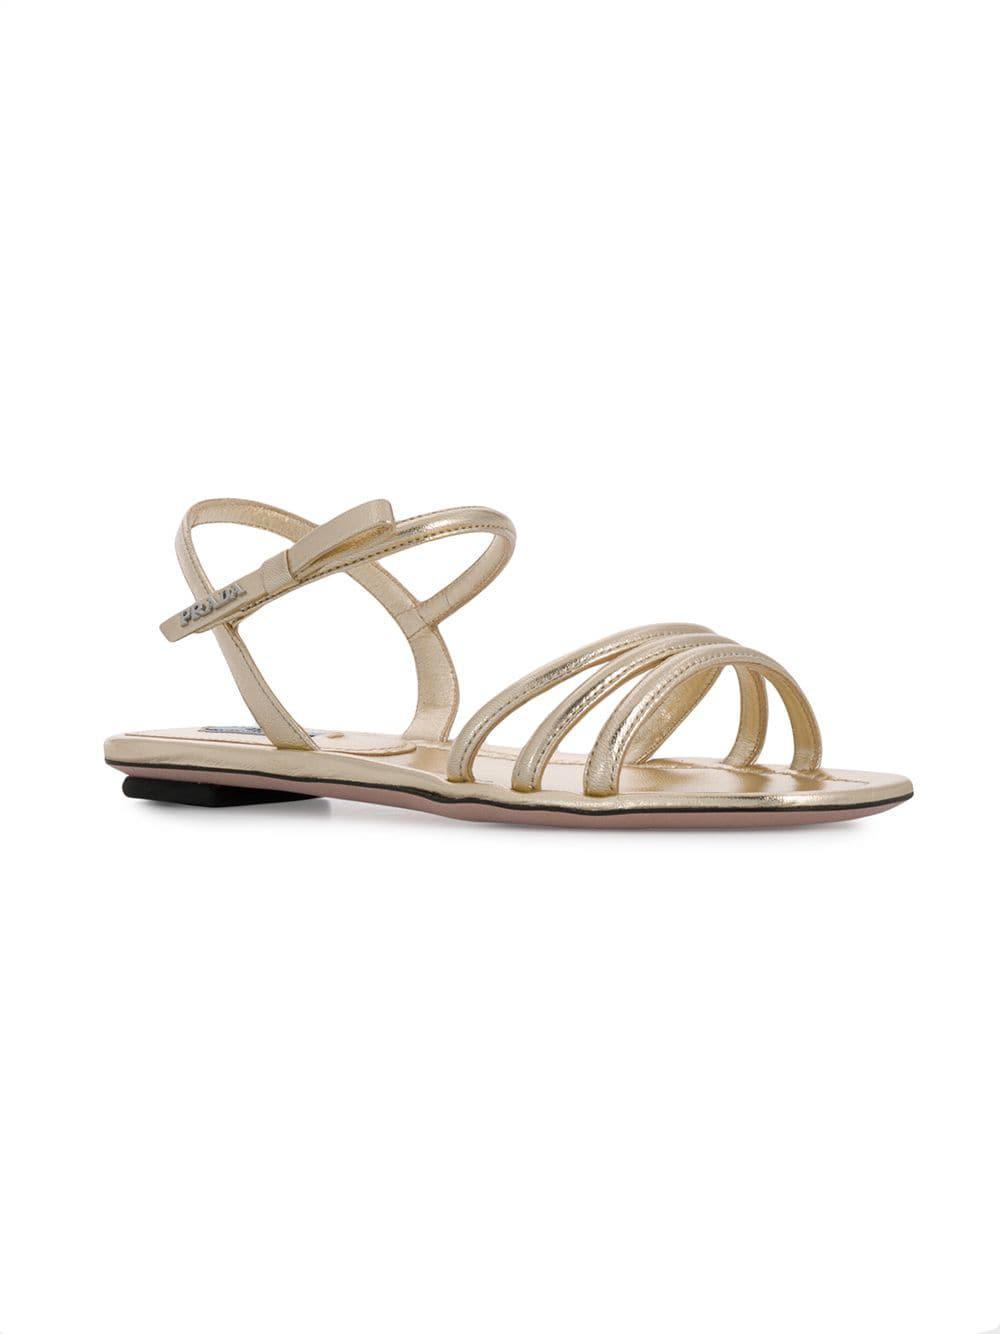 8c33f8a037b Prada - Metallic Flat Strappy Sandals - Lyst. View fullscreen